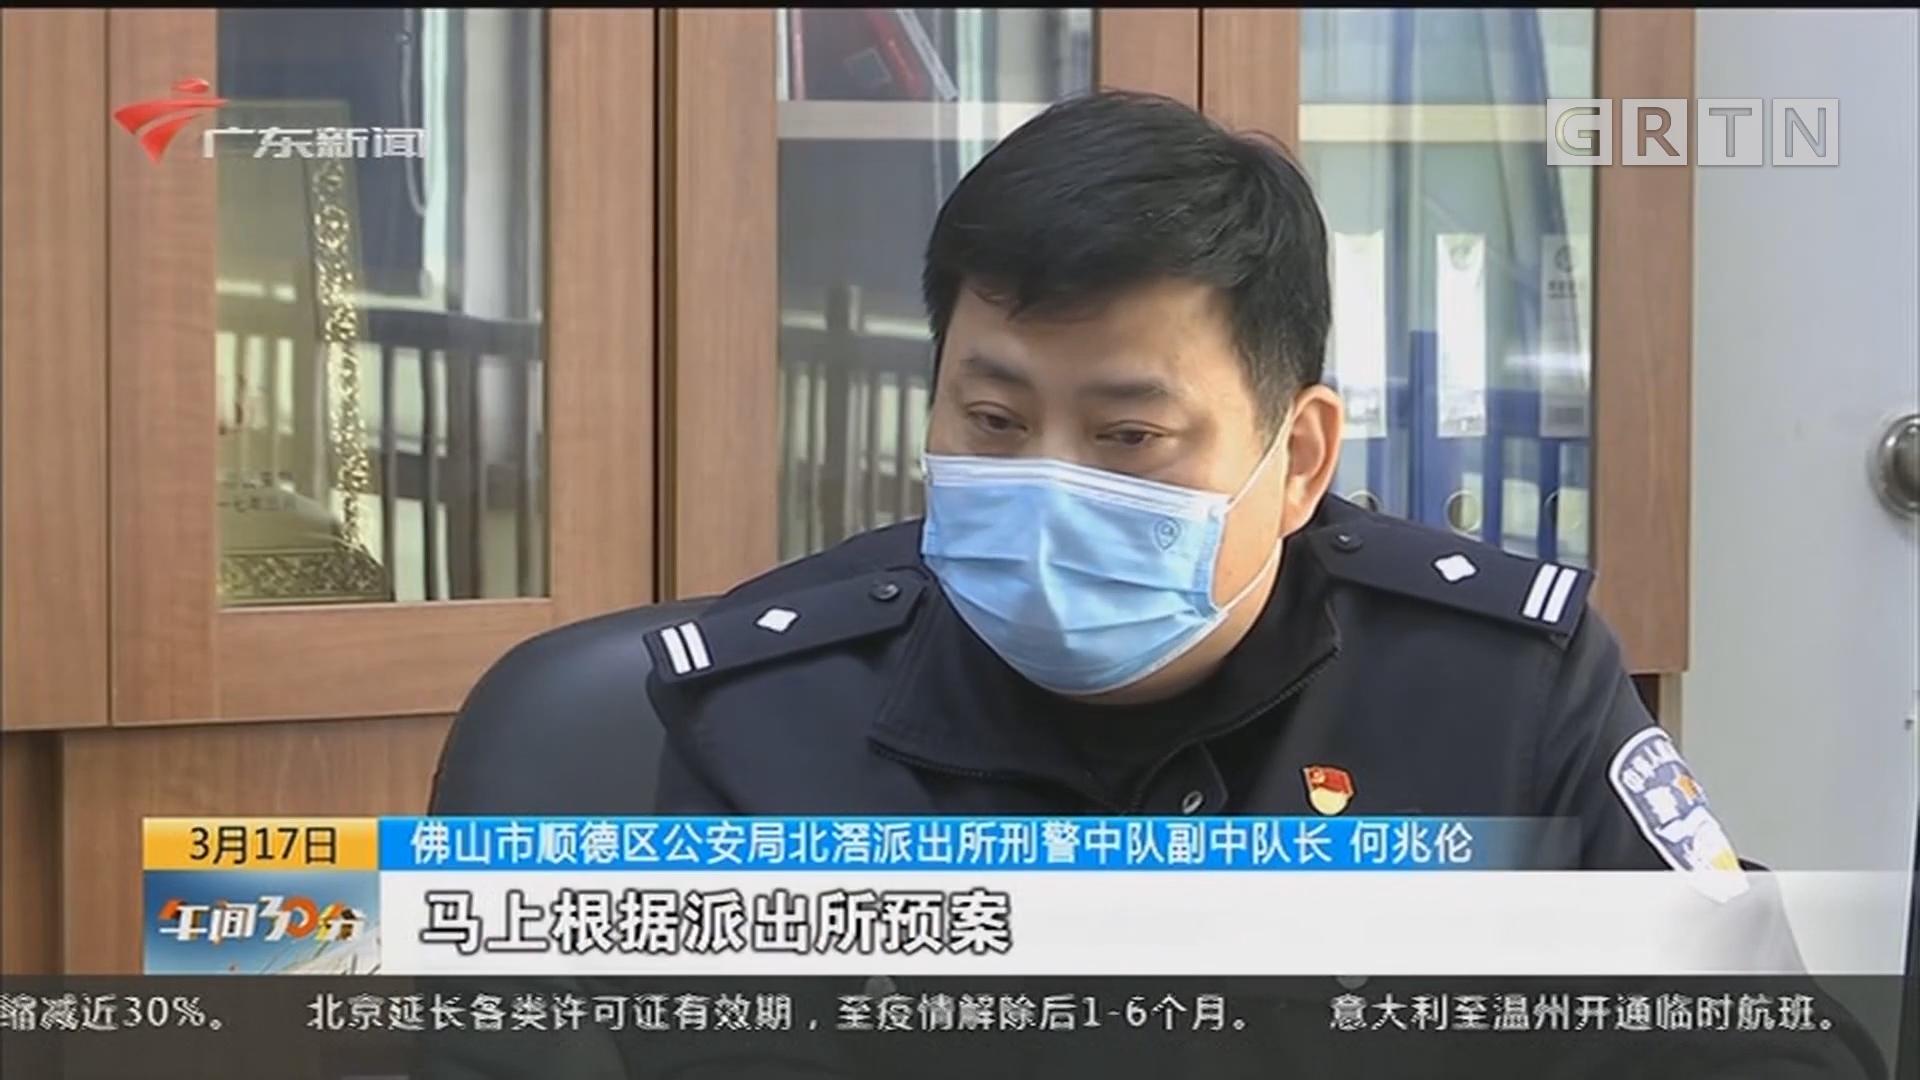 民警何兆伦:防疫破案一起抓 大案小案一起破